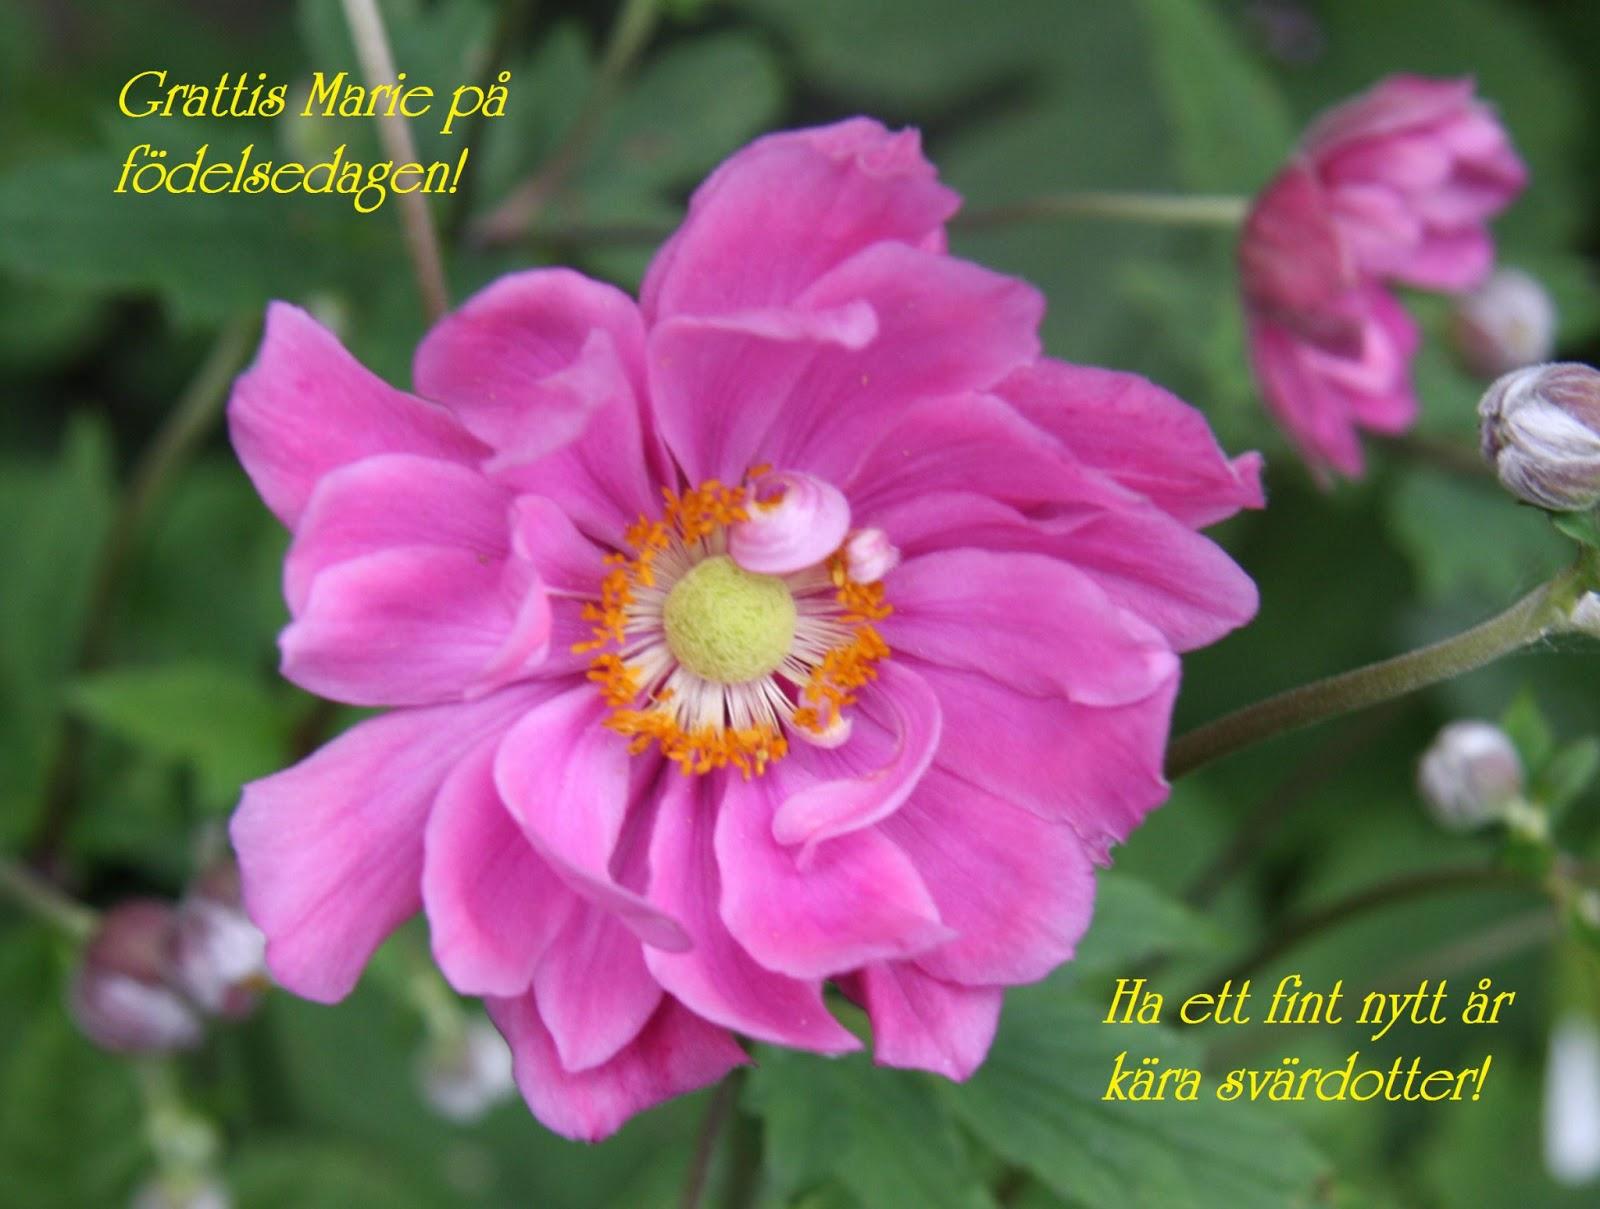 grattis marie Välkommen till Ann Viols Blogg: GRATTIS MARIE PÅ FÖDELSEDAGEN! grattis marie